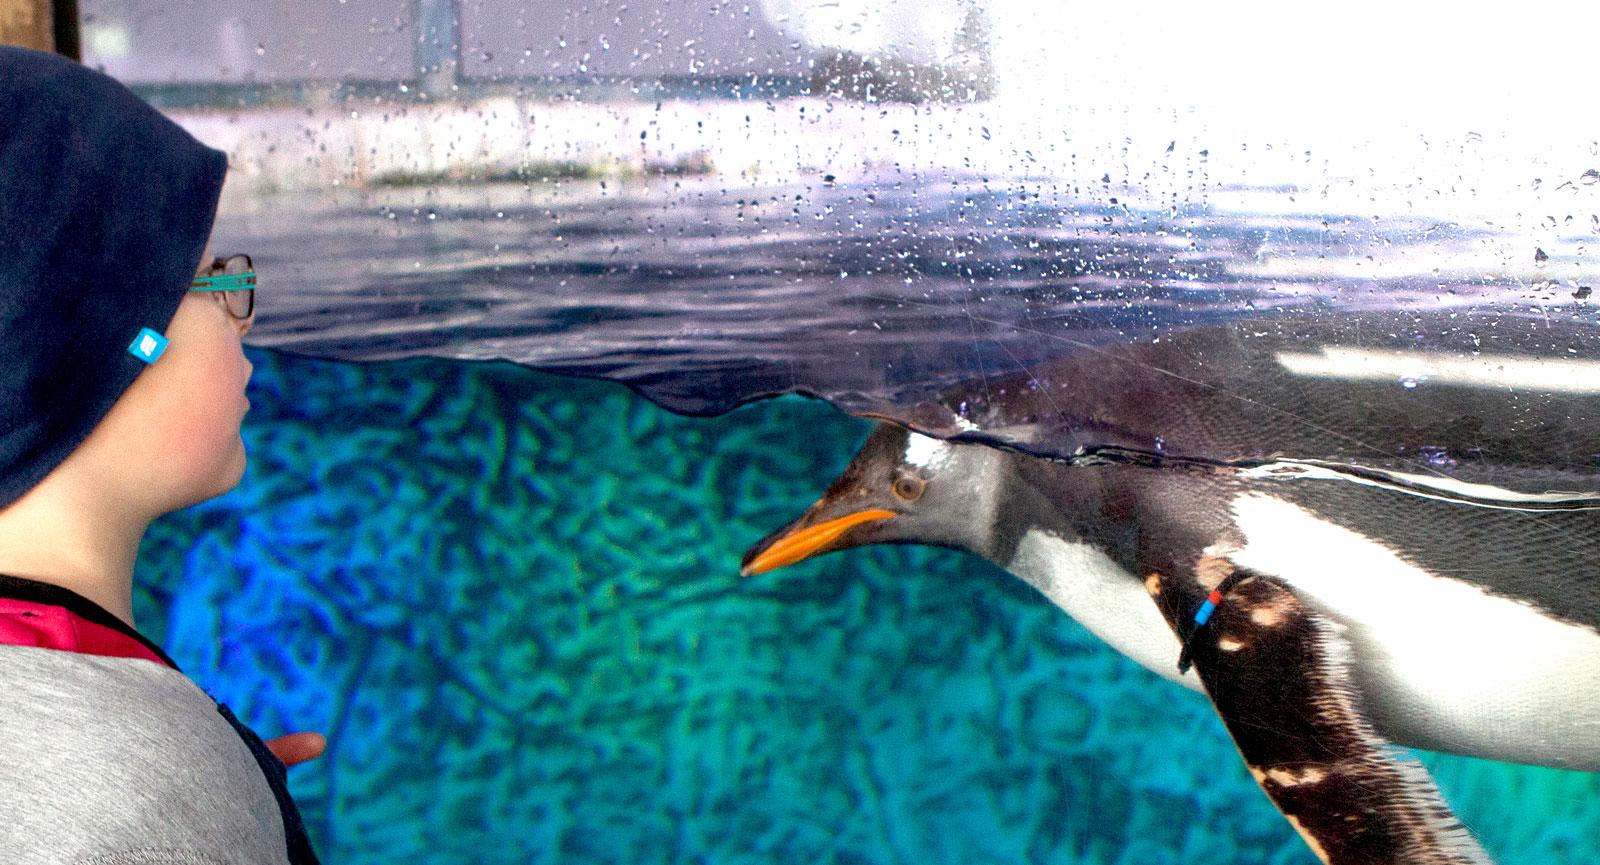 Inte bara lego. Här finns även riktiga pingviner!